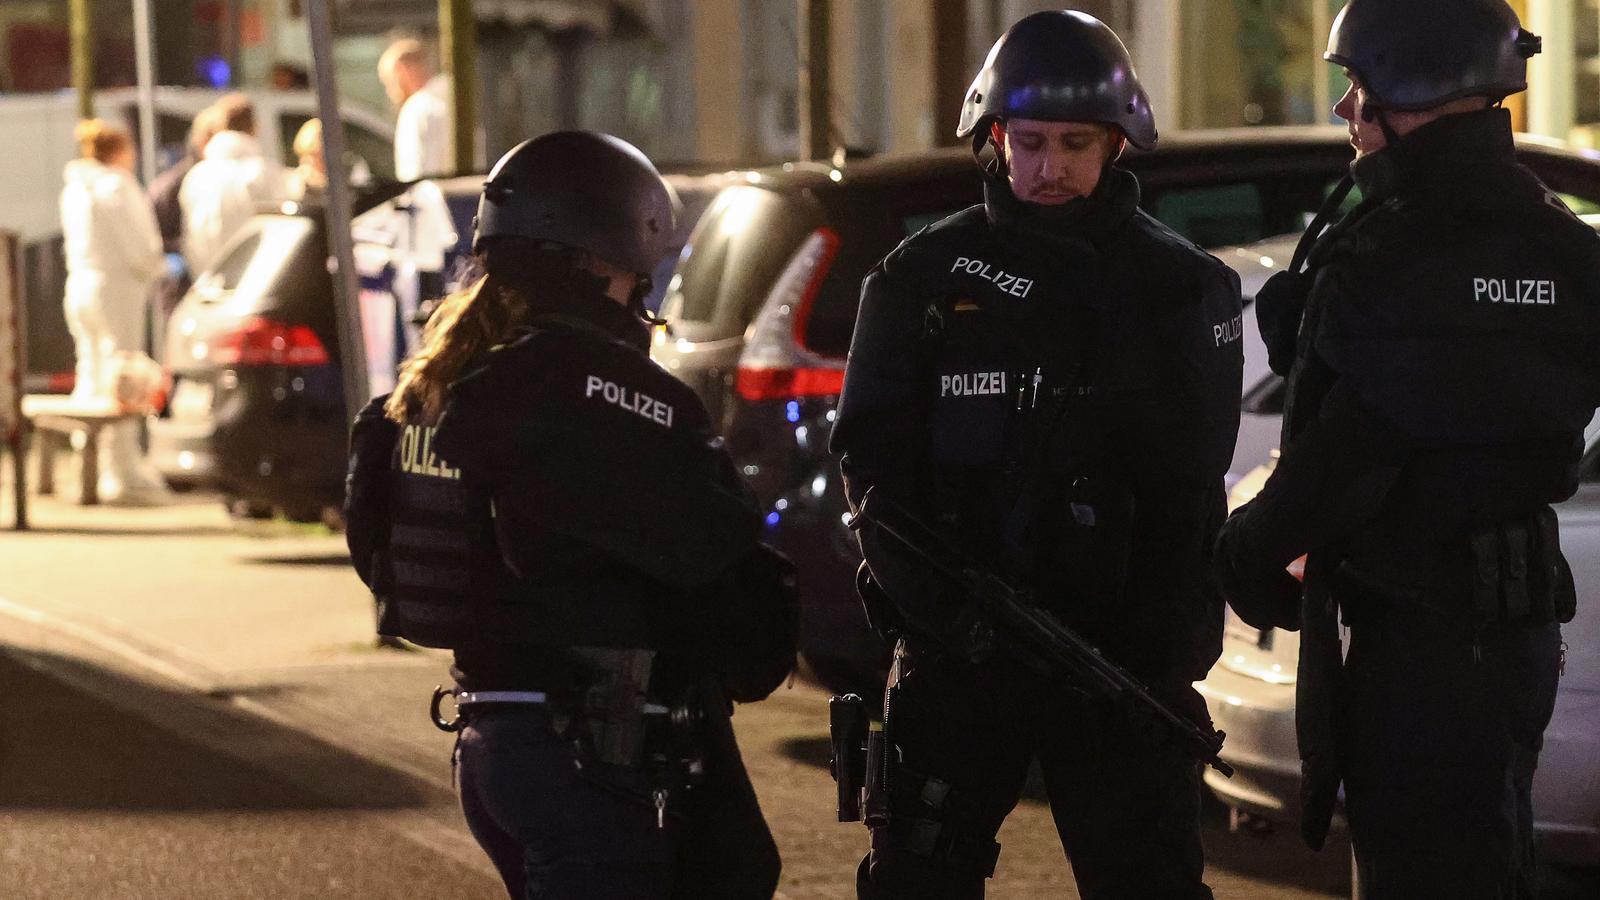 Un home mata a trets nou persones en dos bars de la ciutat alemanya de Hanau